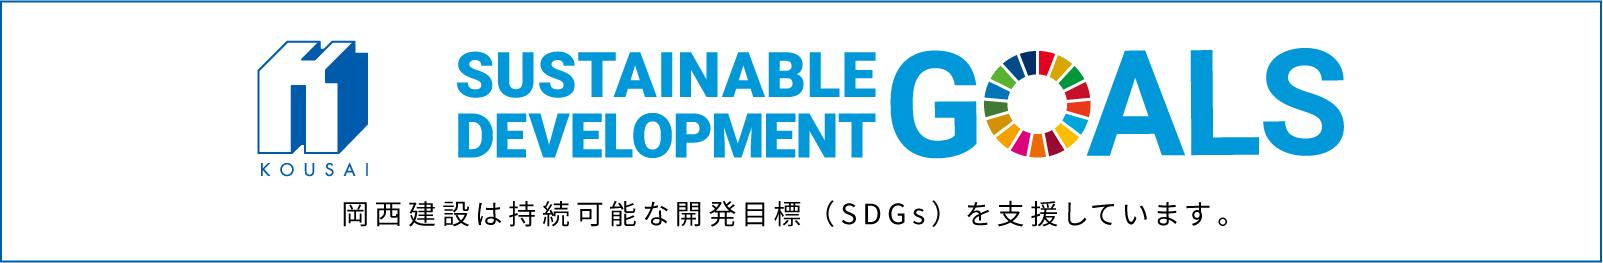 岡西建設は持続可能な開発(SDGs)を支援しています。